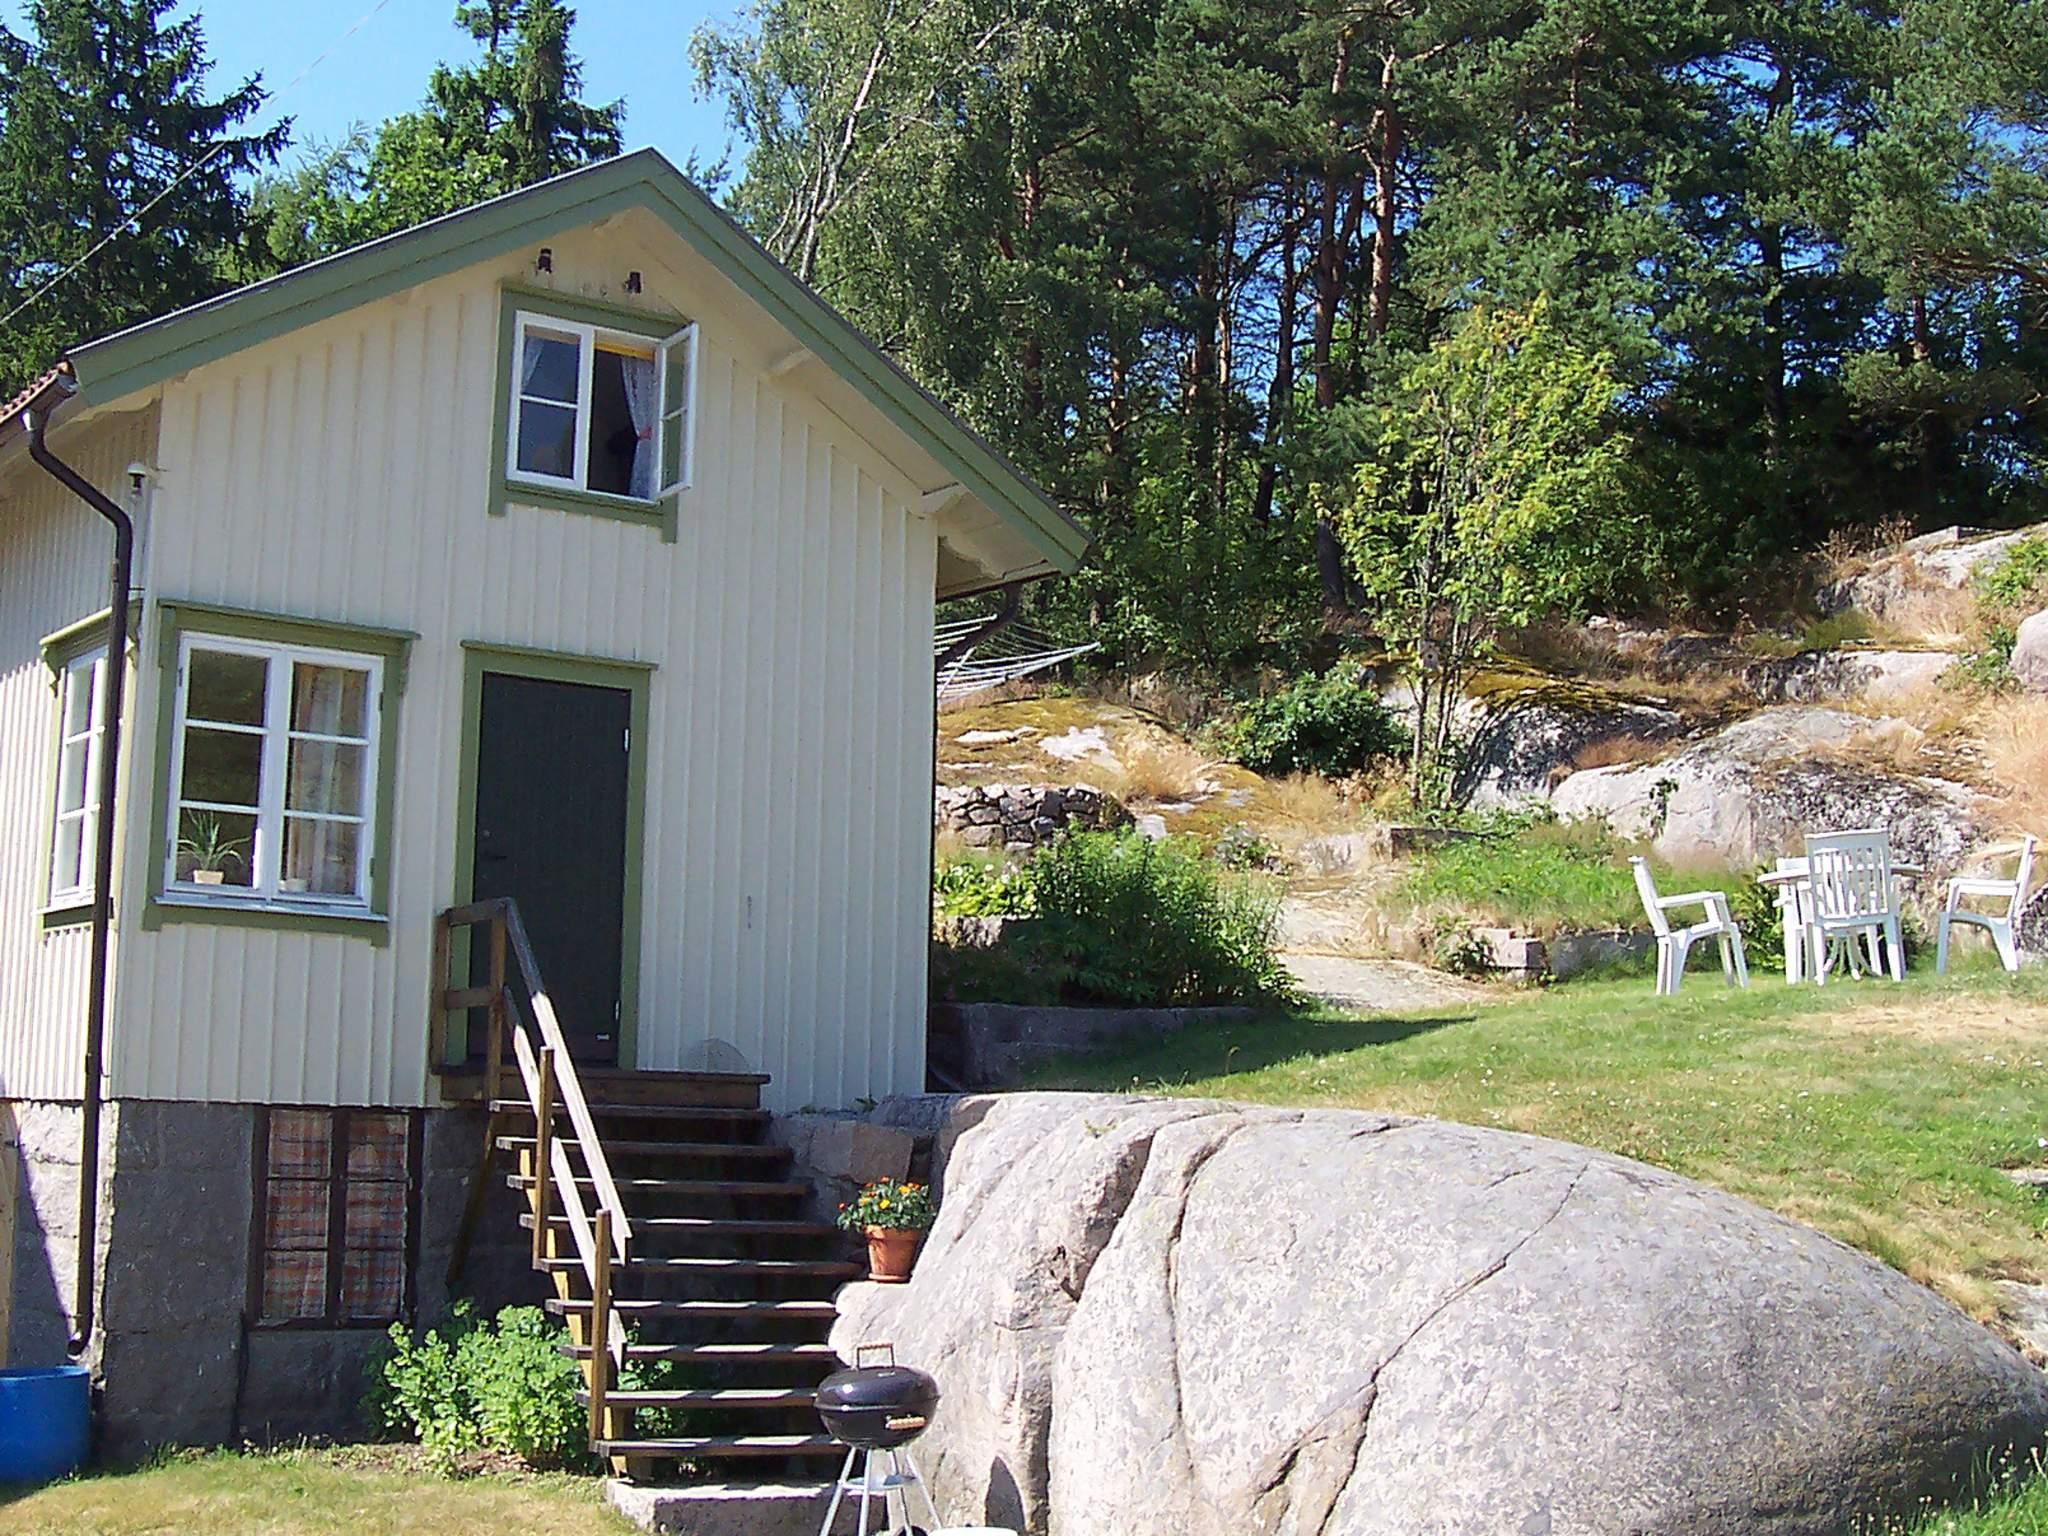 Ferienhaus Rished (124439), Kungshamn, Västra Götaland län, Westschweden, Schweden, Bild 1